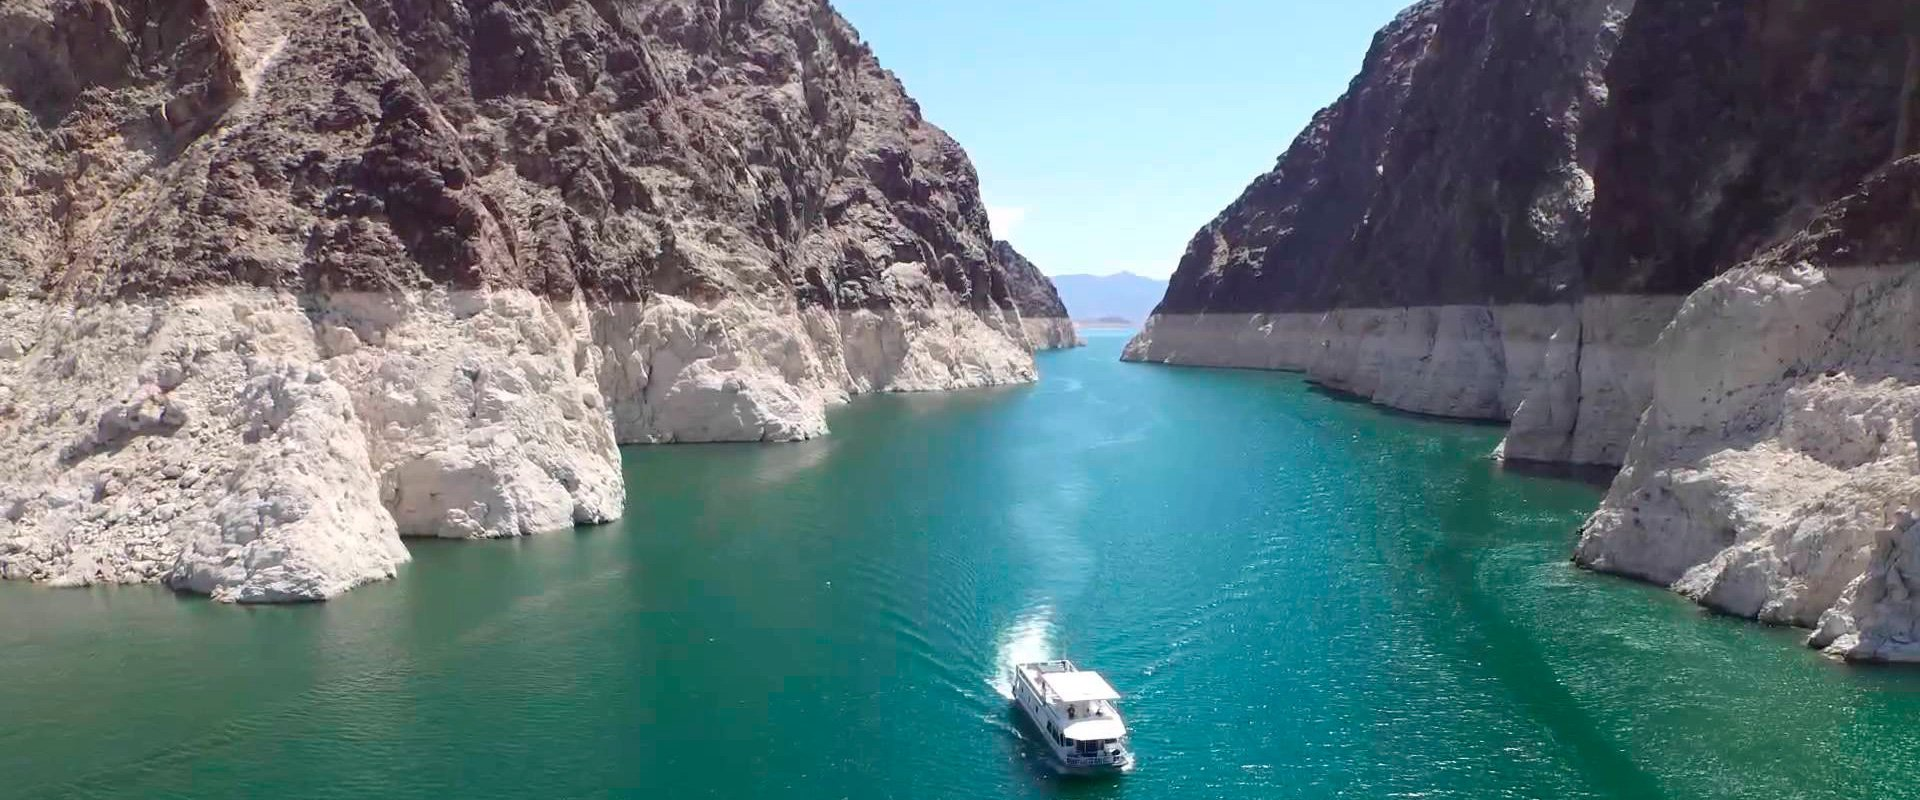 Тур по озеру Мид с купанием